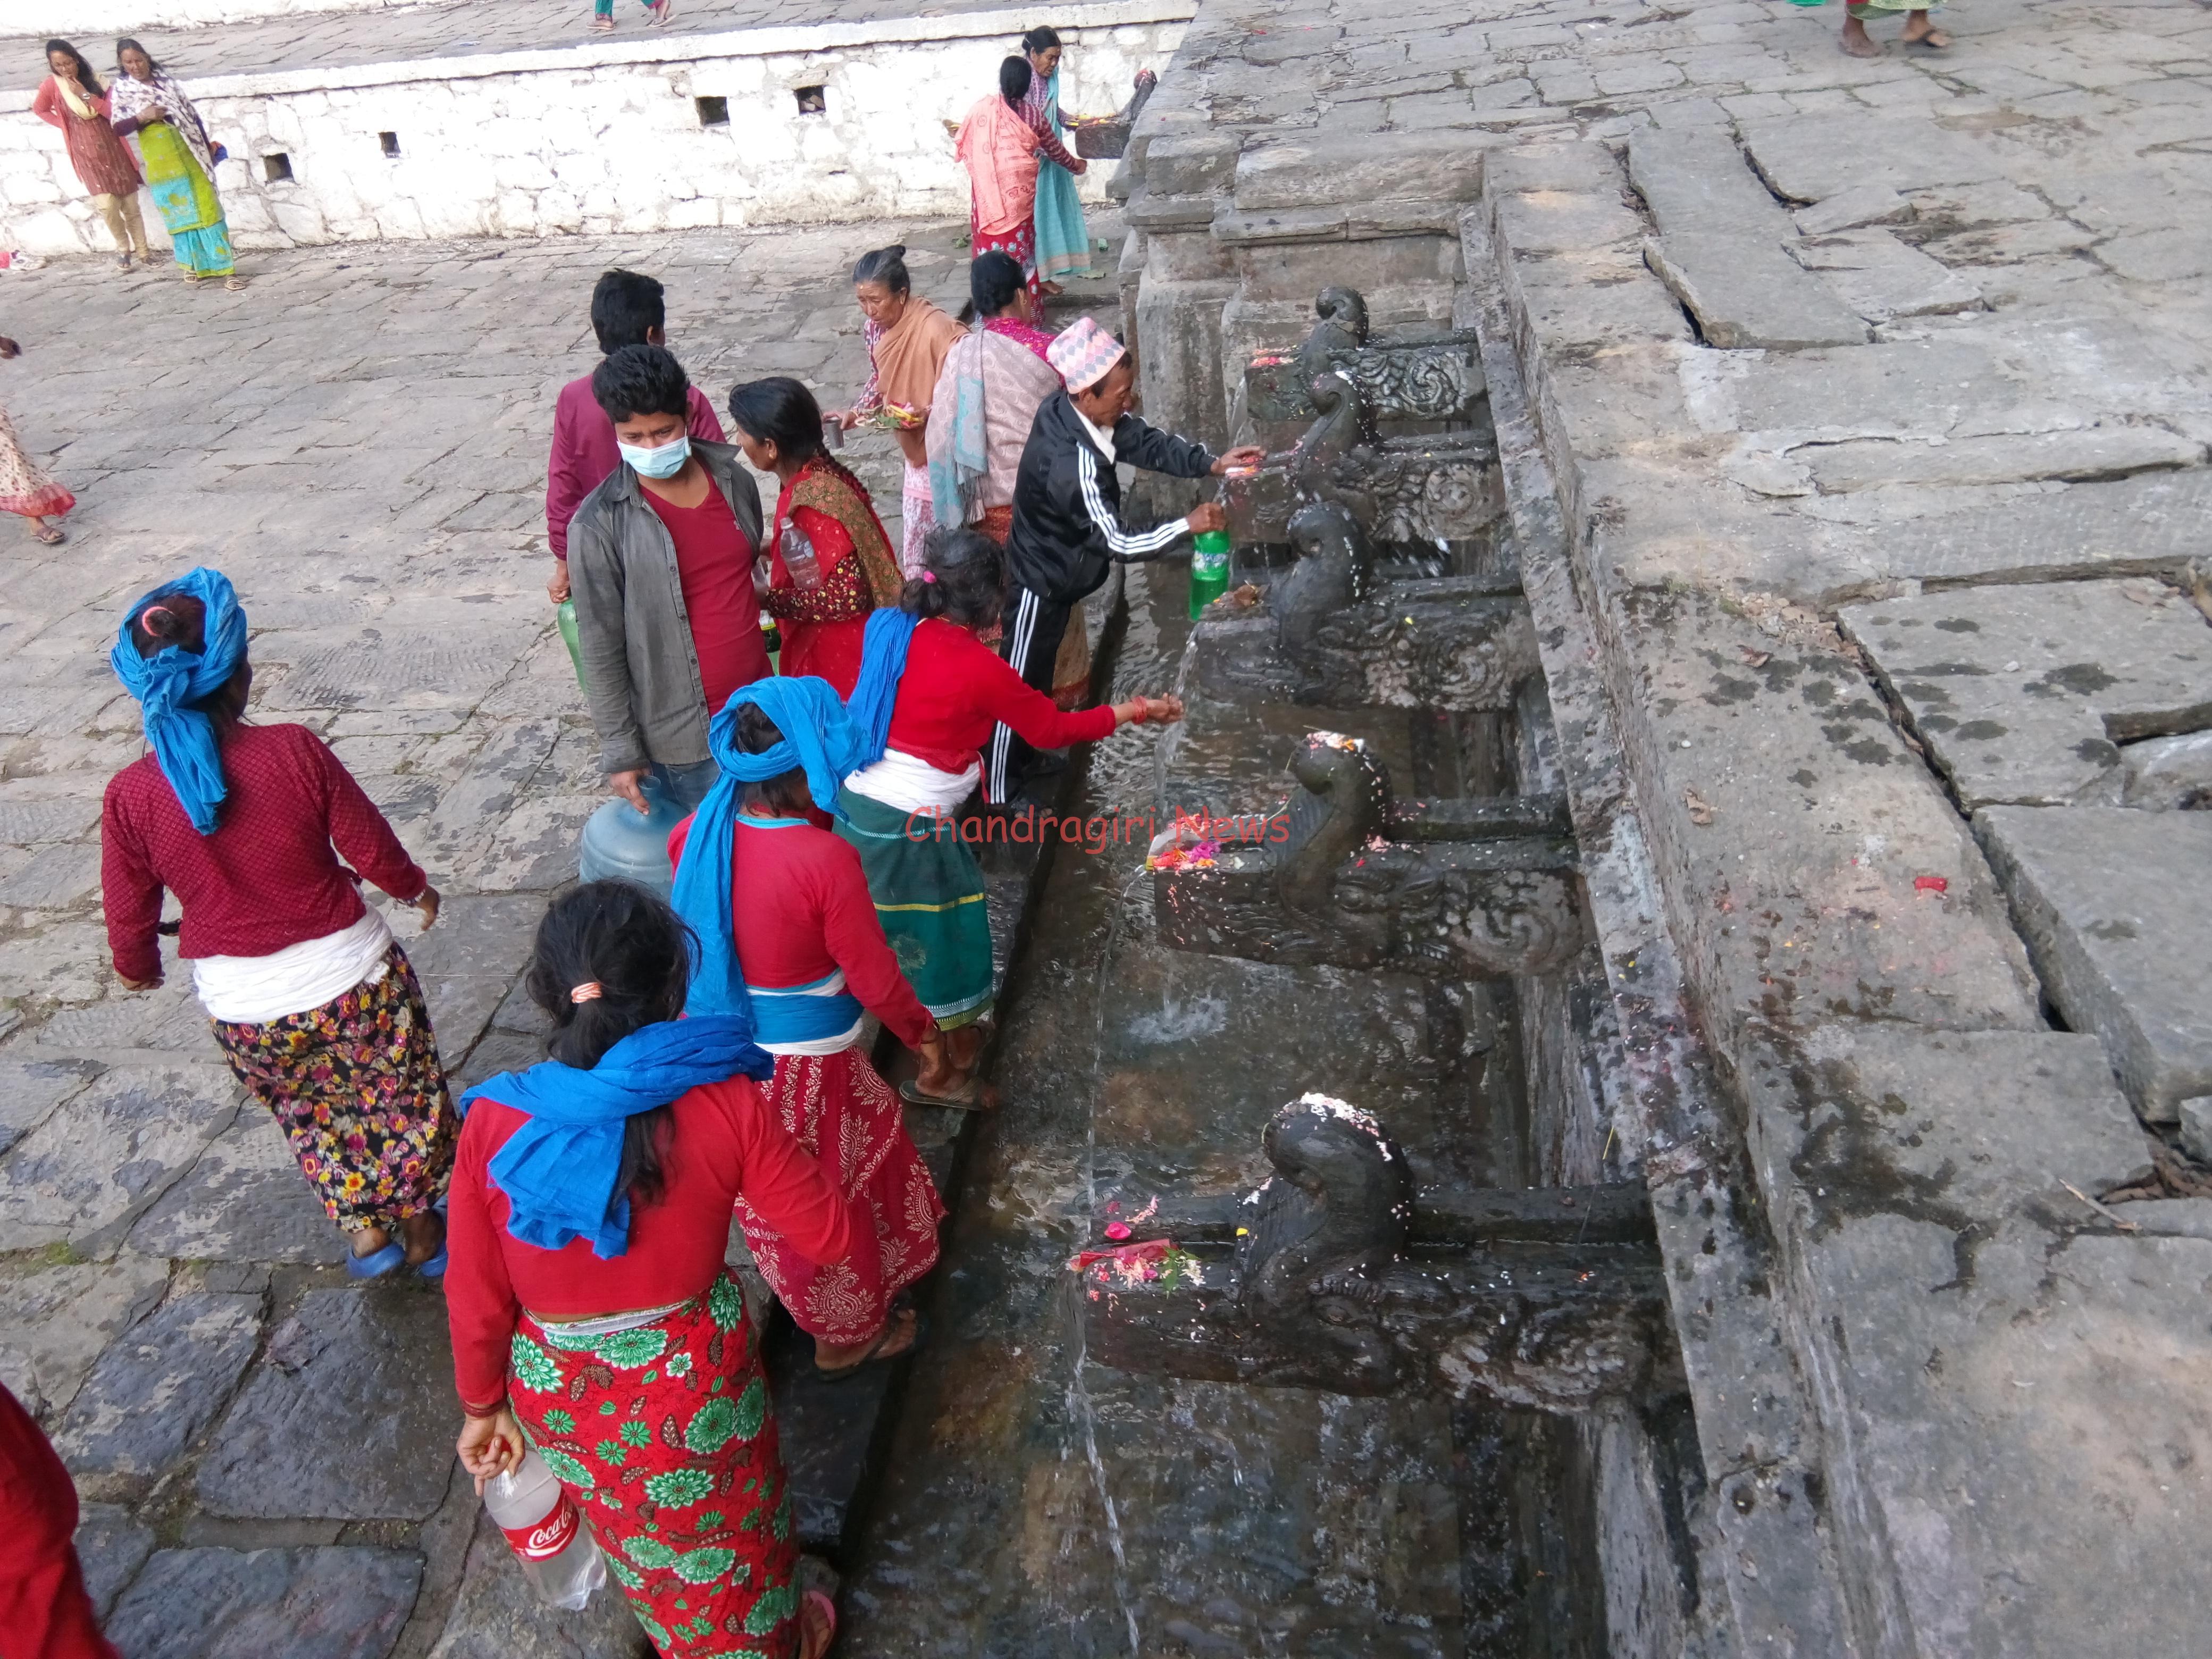 Chandragirinews IMG_20170425_170740 अाज मातातीर्थ अाैँसी, डिपबोरिङको पानीले नुहाउँदैछन् मातातीर्थ पुगेका तीर्थालुहरू मातातिर्थ    chandragiri